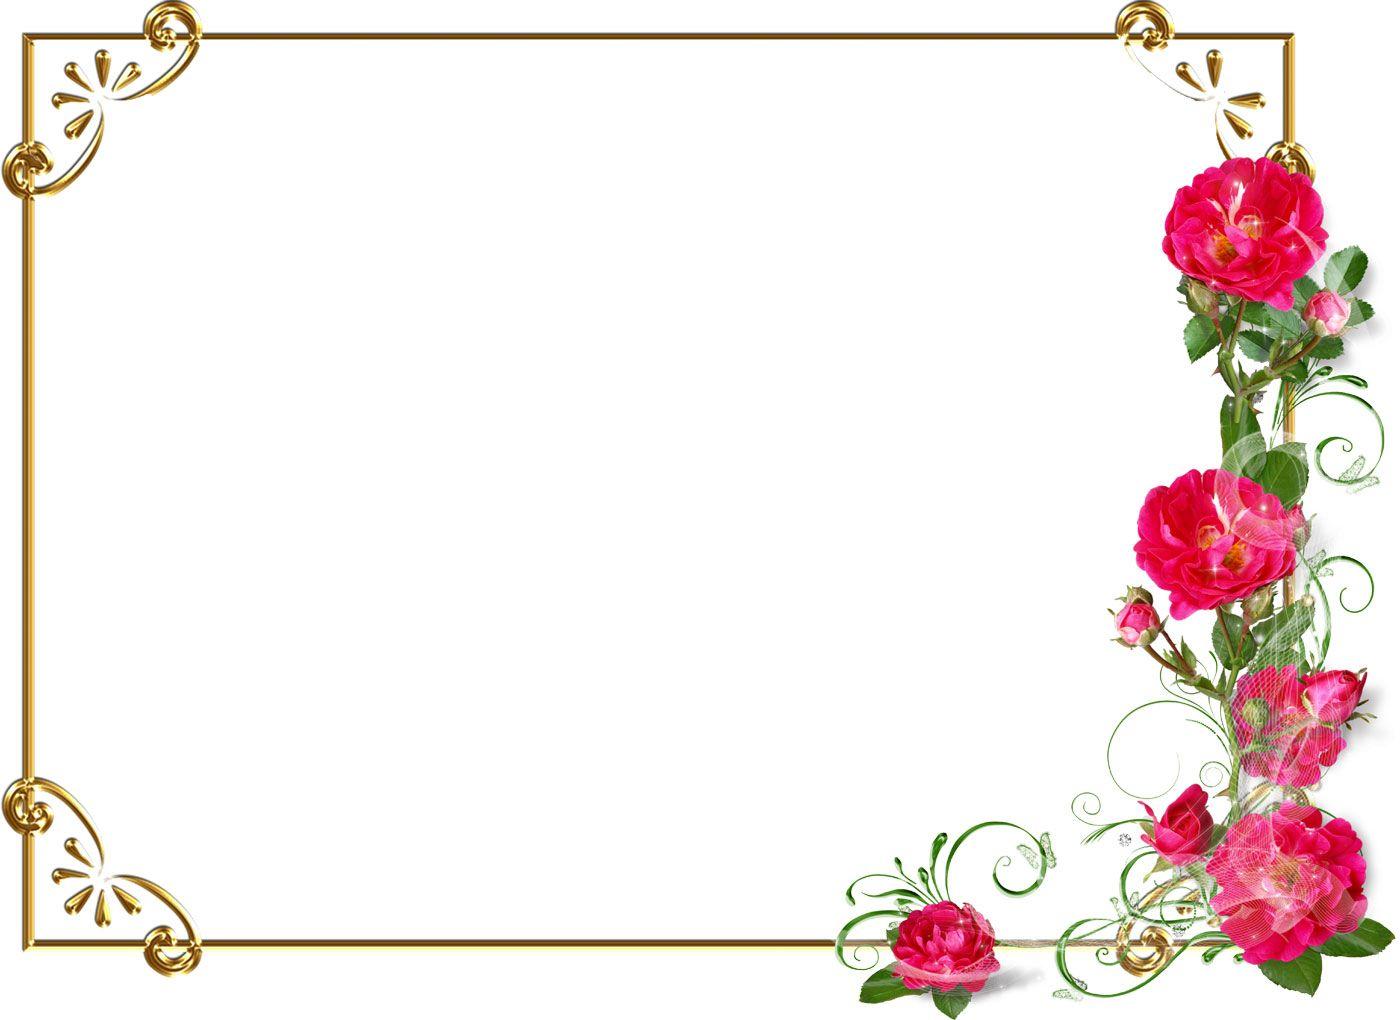 赤い花がおしゃれ!フレーム素材のアイデア❤ | 花 | pinterest